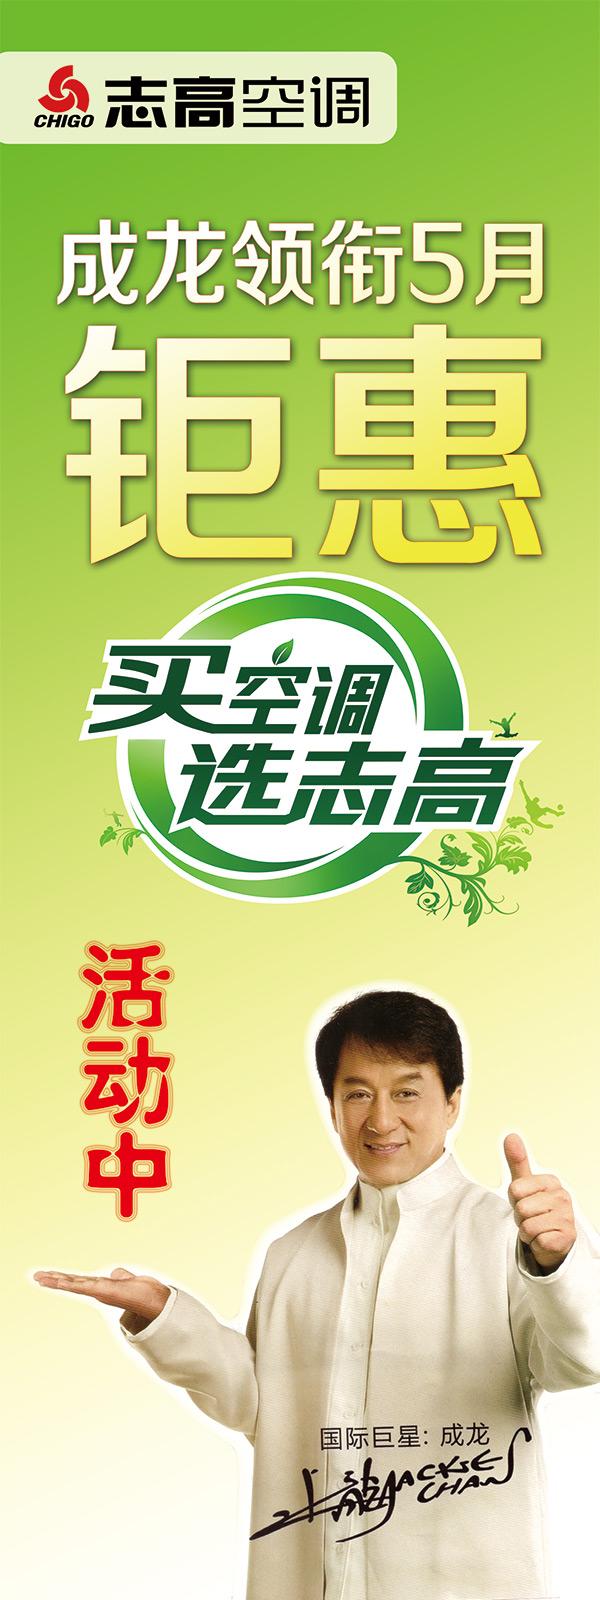 志高空调促销_素材中国sccnn.com